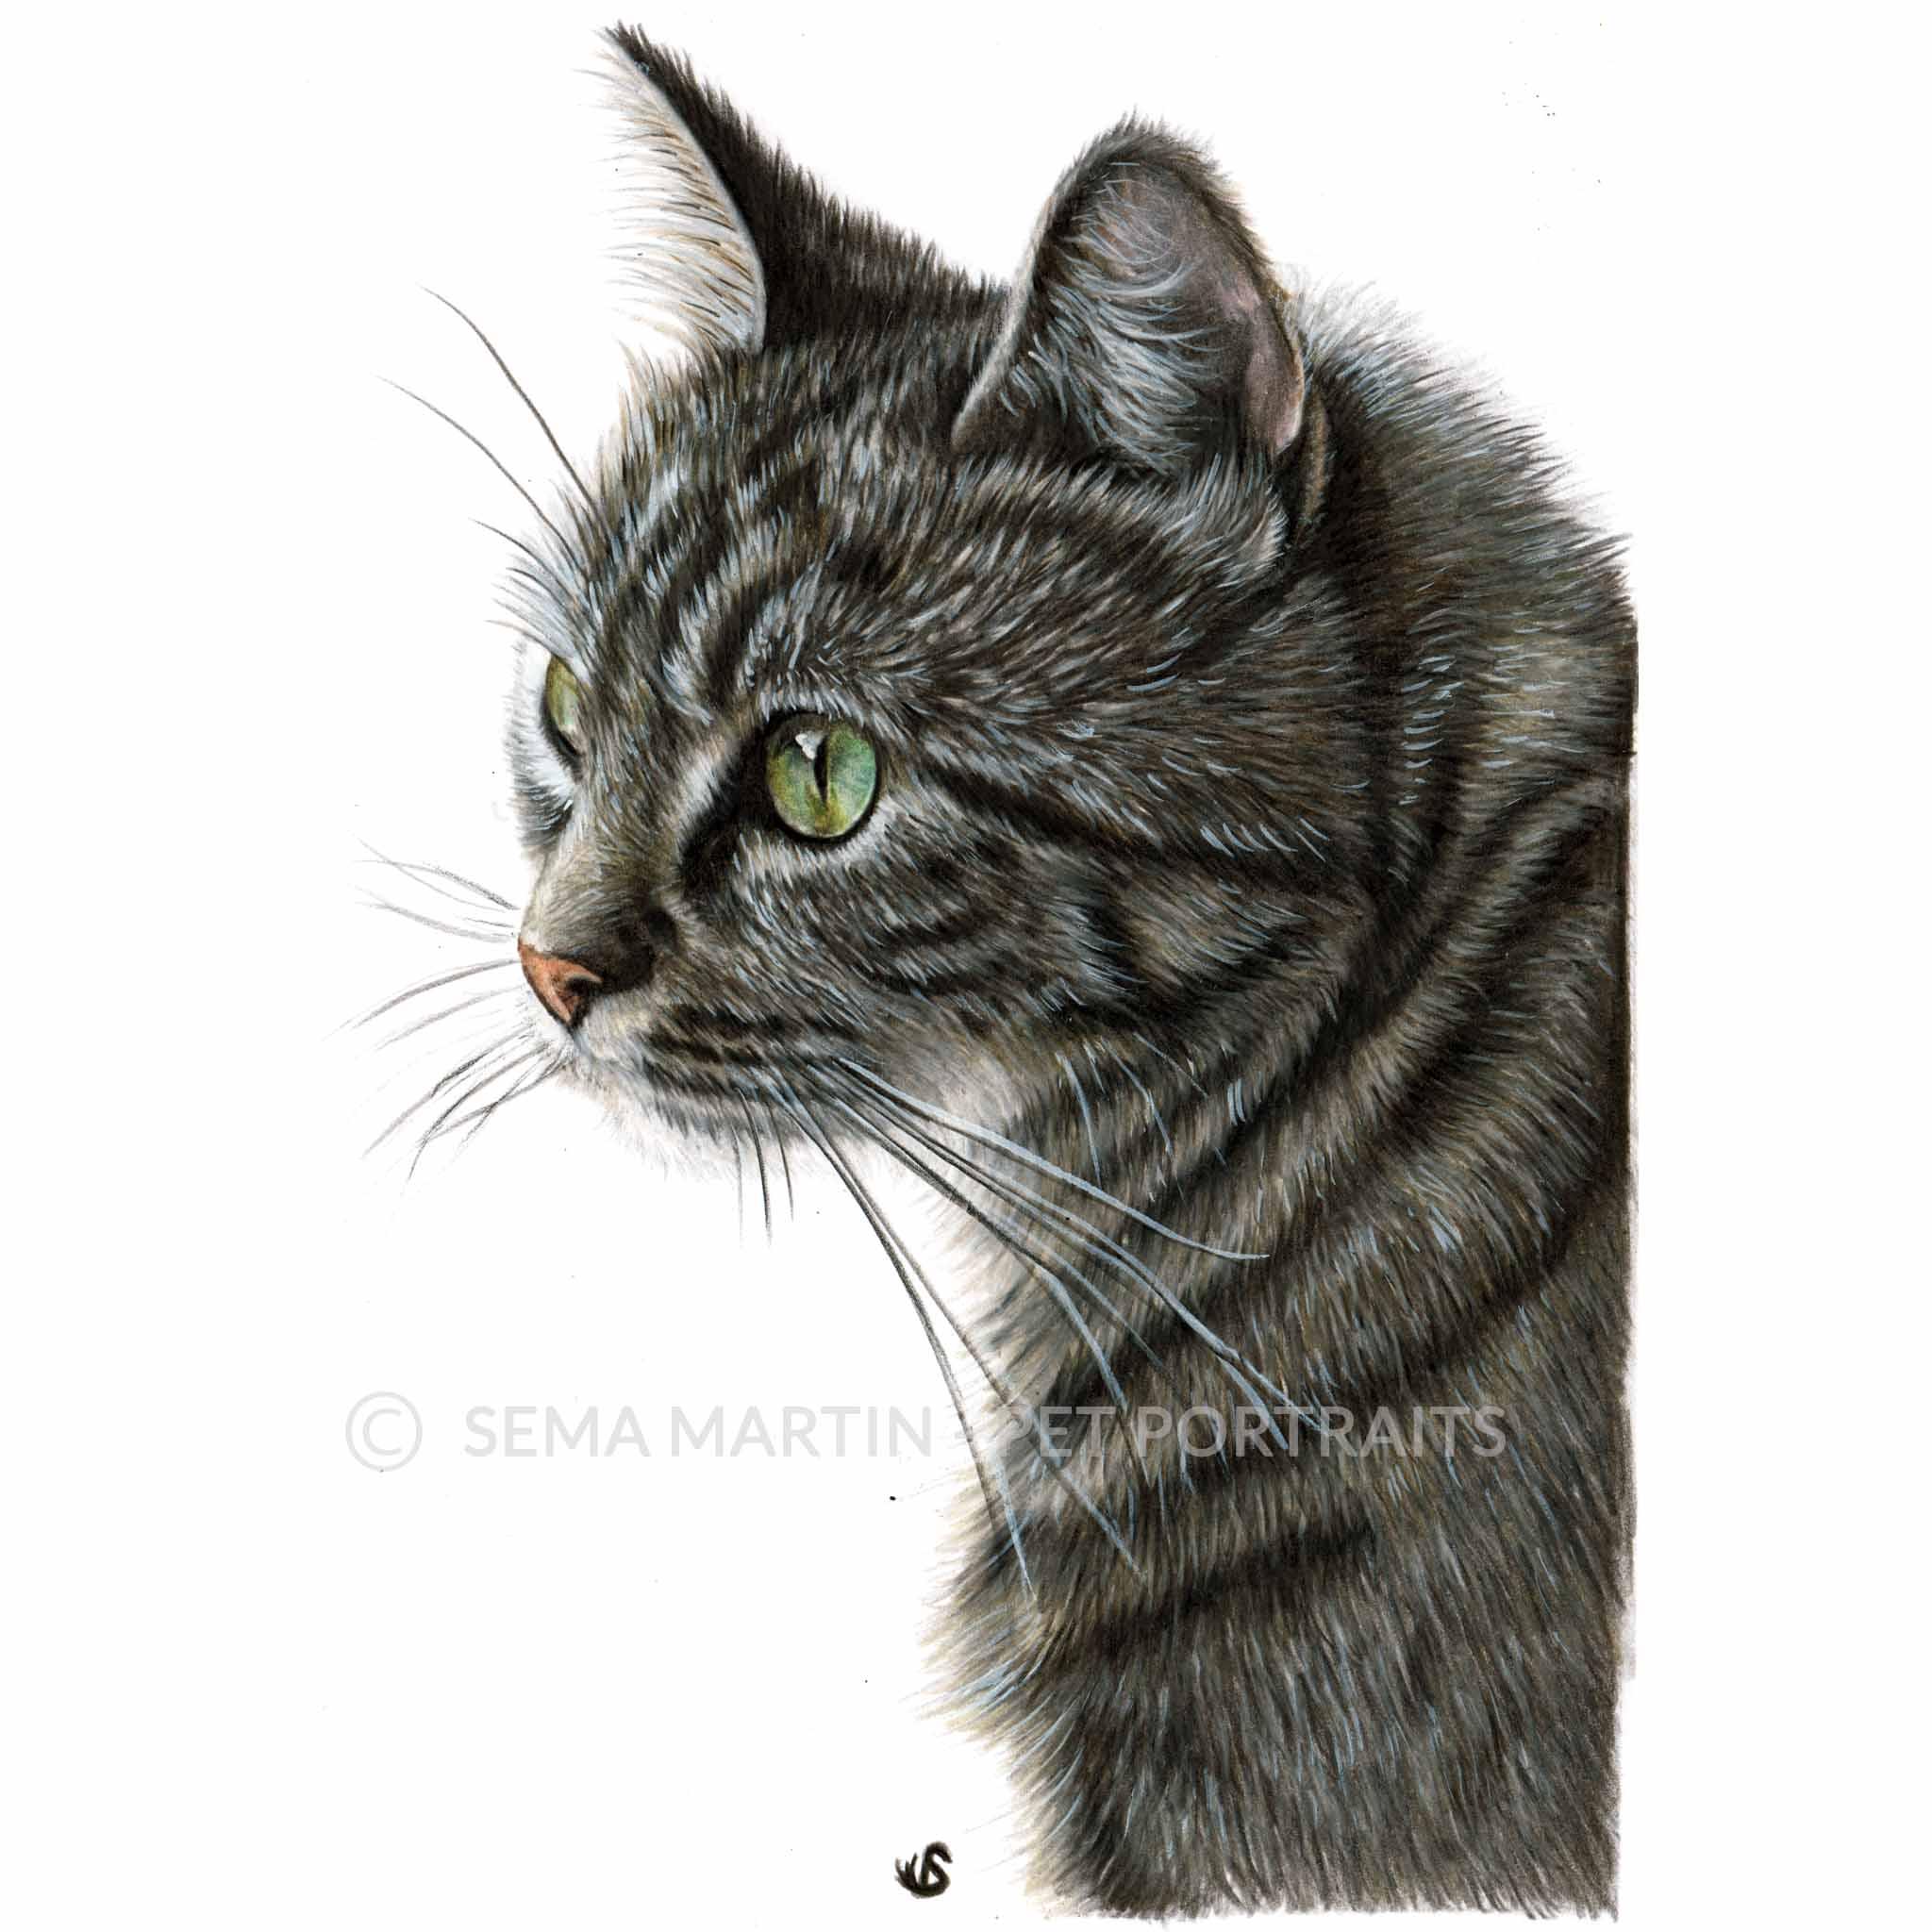 'Belle' - AUS, 5.8 x 8.3 inches, 2018, Colour Pencil Cat Portrait by Sema Martin